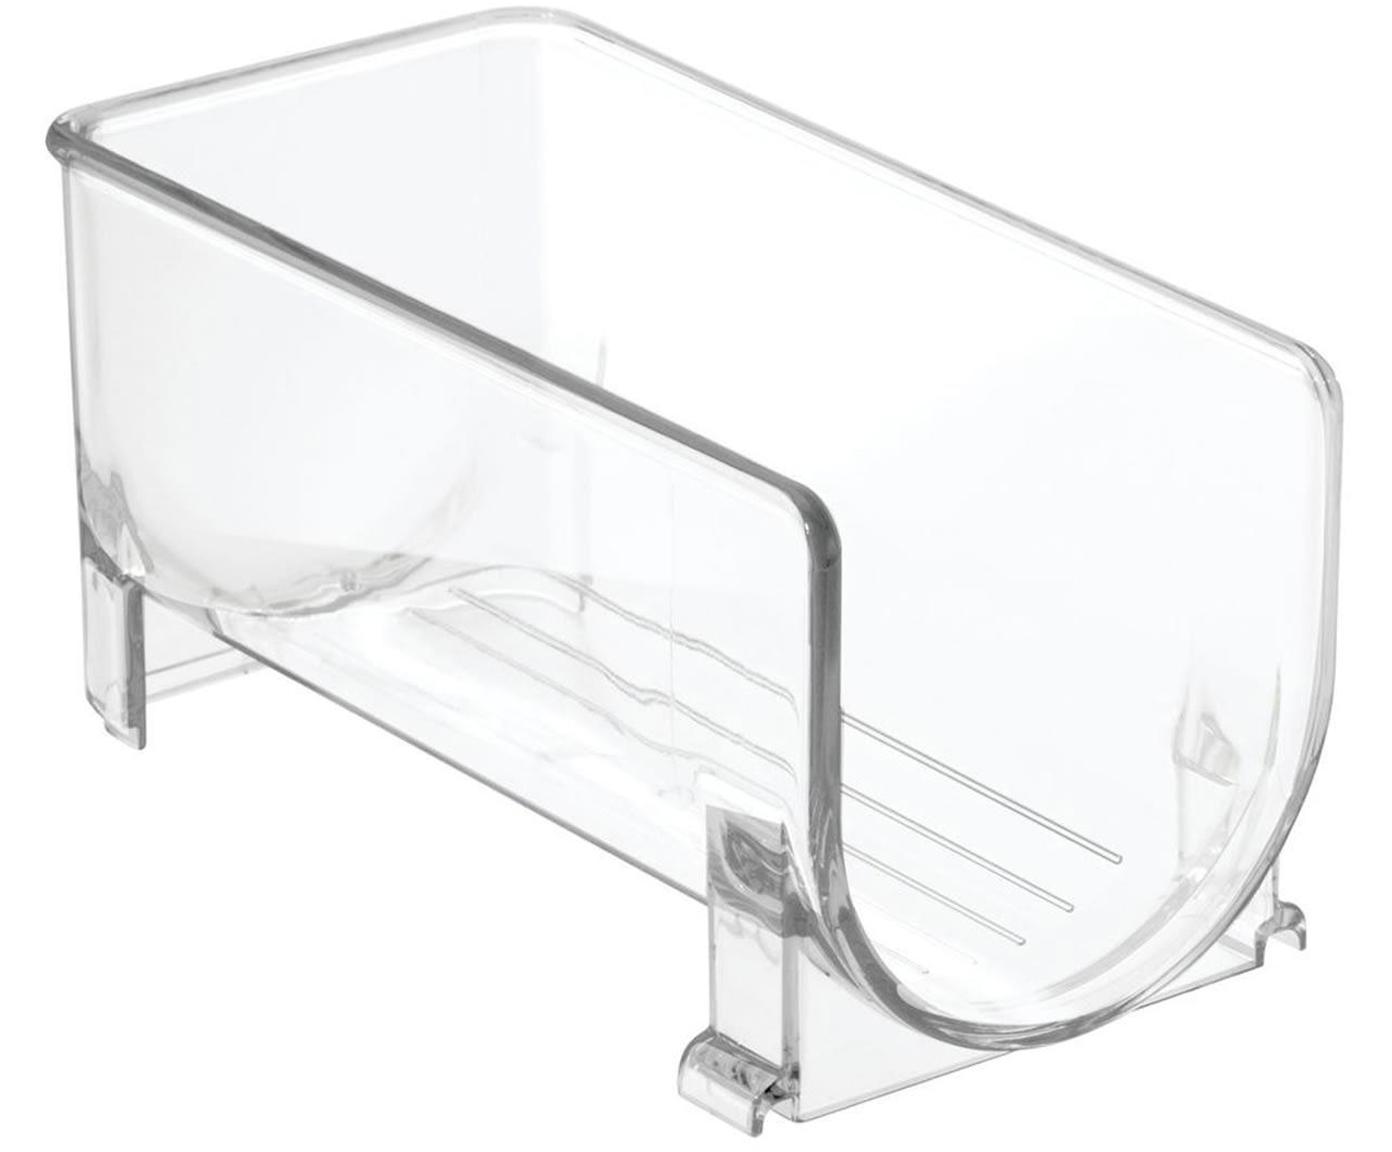 Organizador de nevera Binz, Polietileno, Transparente, An 10 x F 20 cm